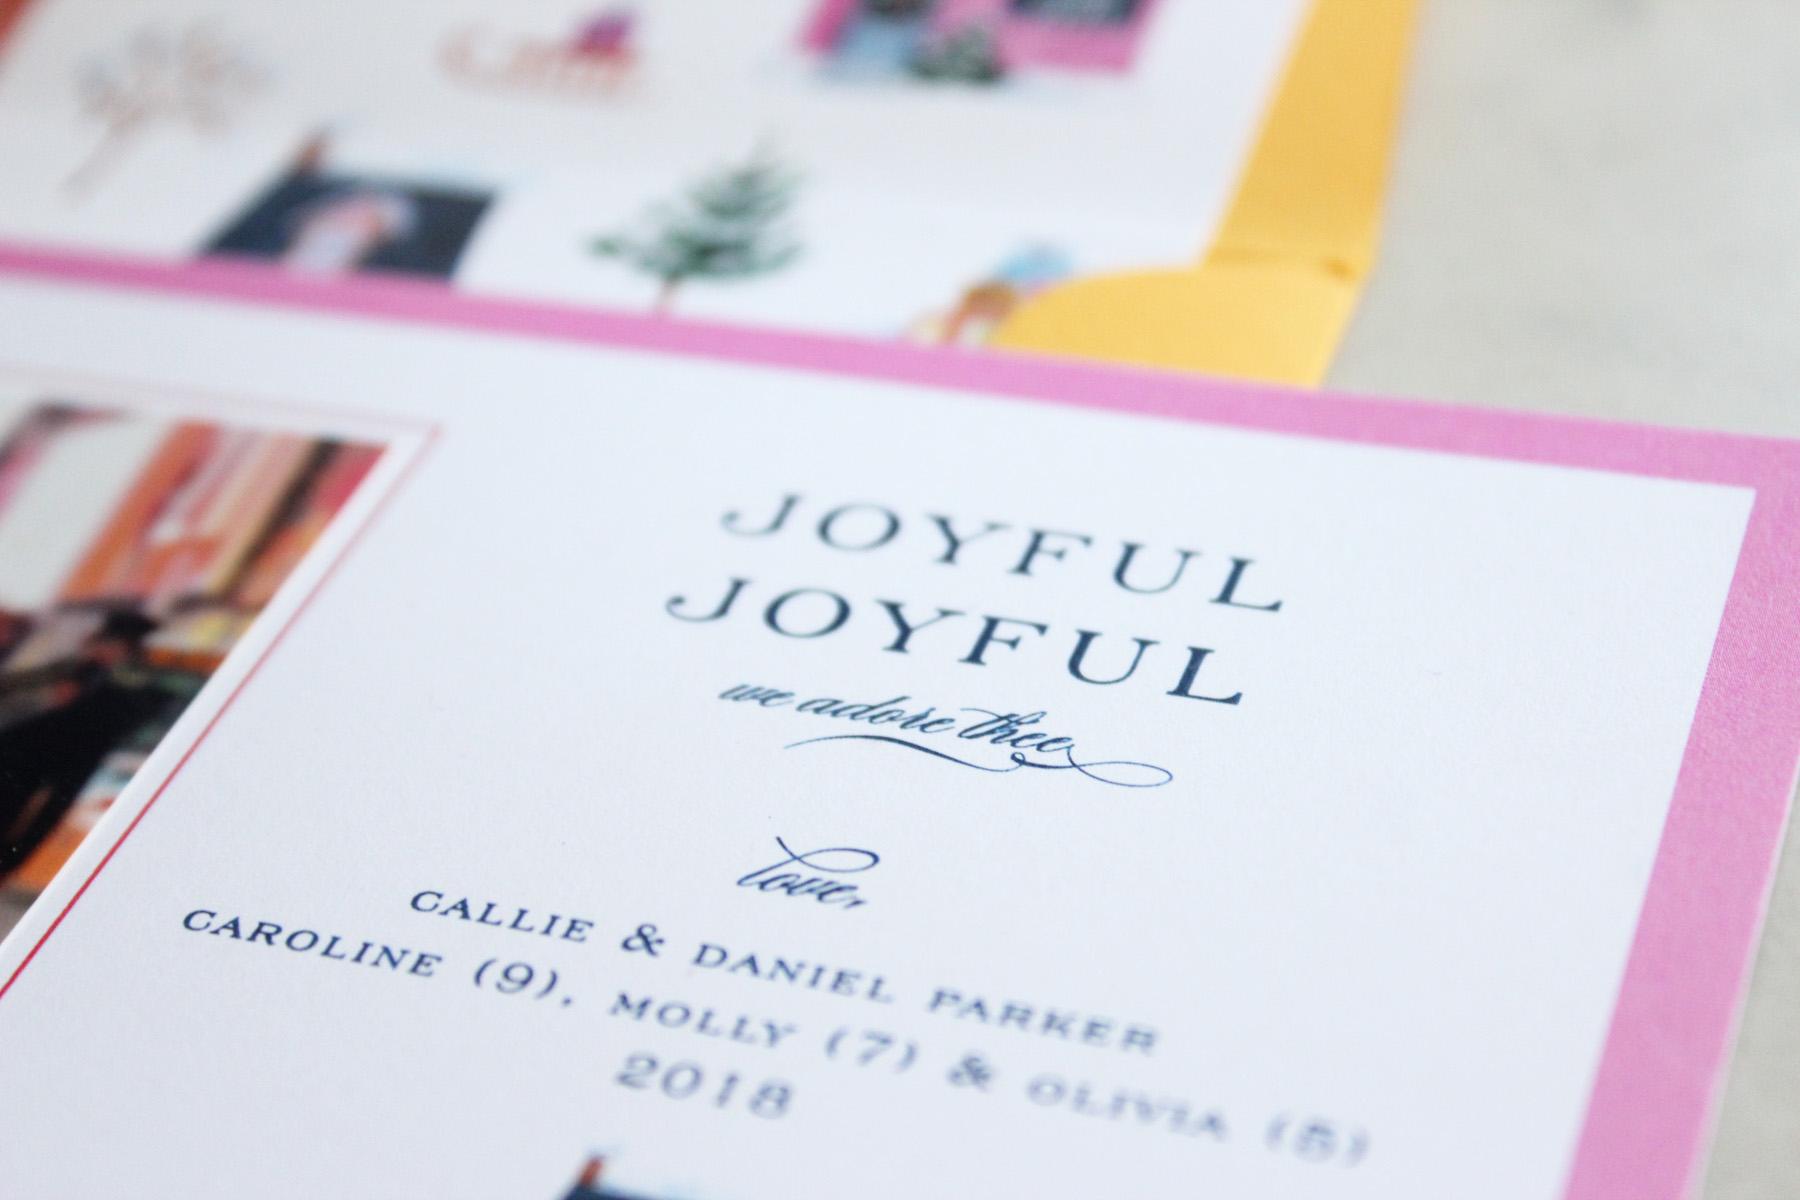 joyful joyful weve moved 2